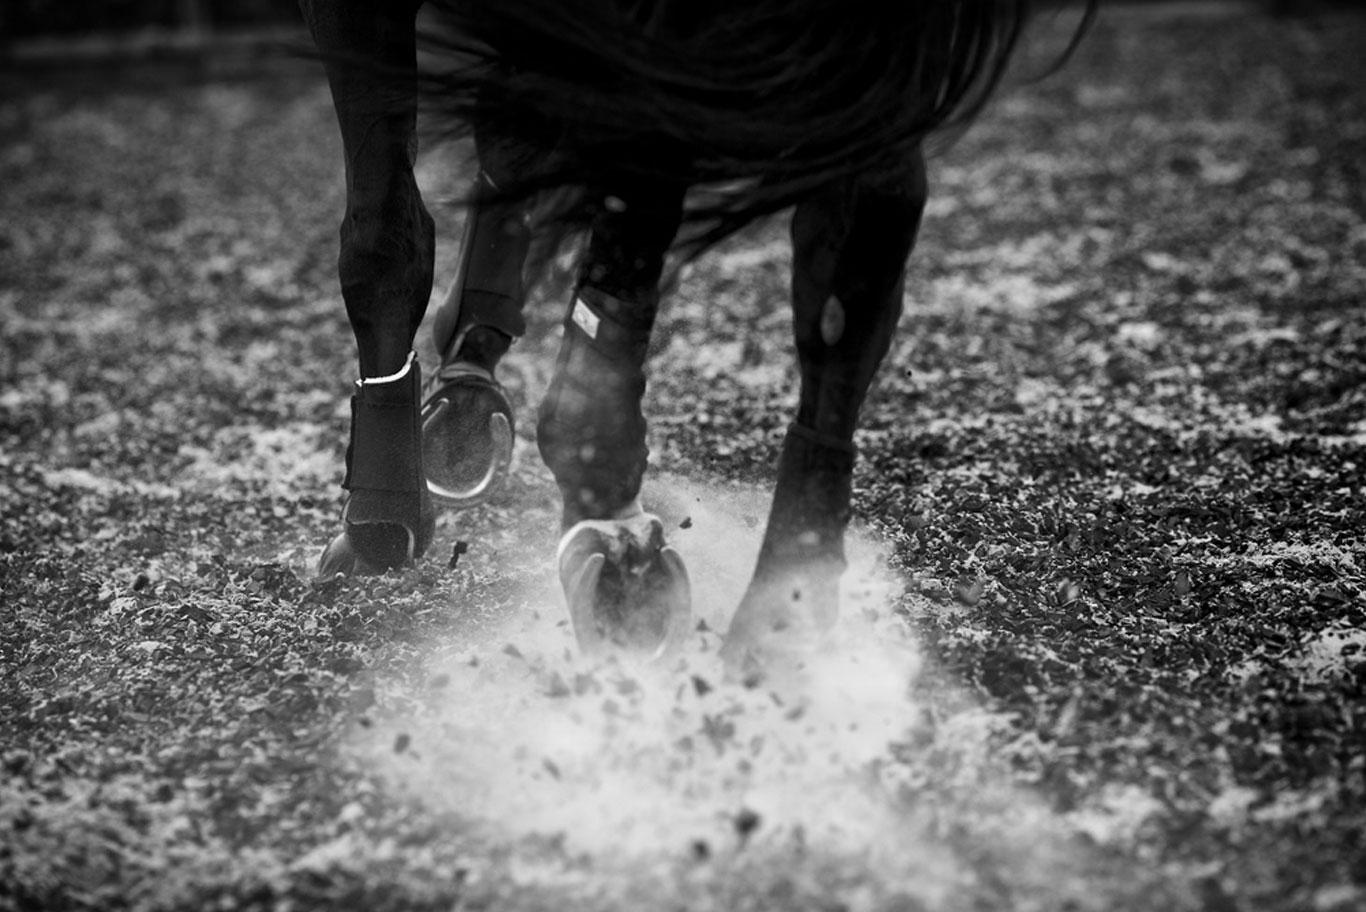 Sunday 16th July 2017 - White Horse Farm Equestrian Centre